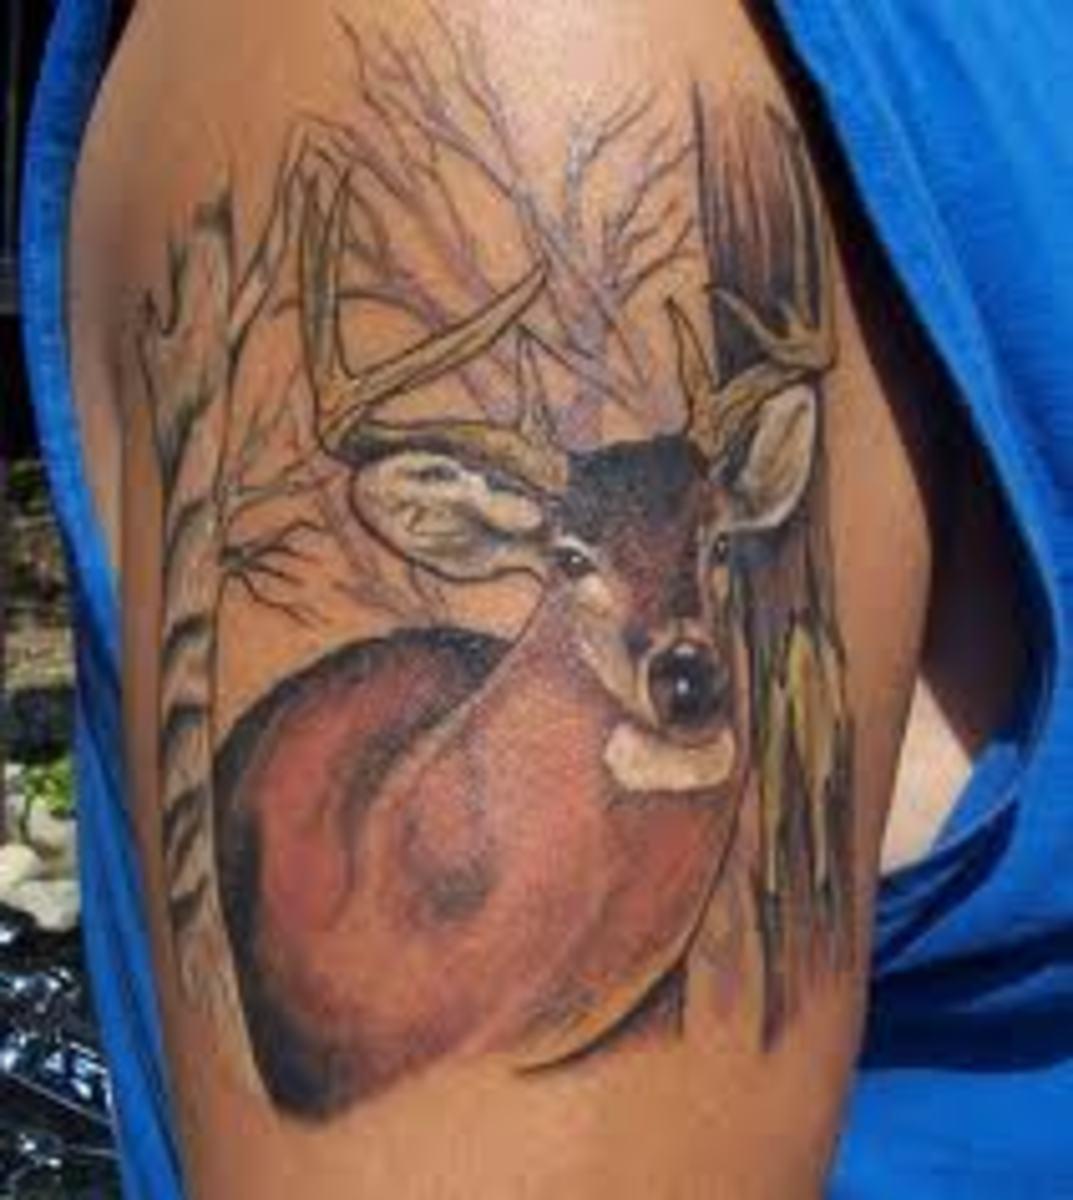 Deer Tattoos And Meanings-Deer Skull Tattoos And Meanings-Deer Tattoo Ideas And Pictures